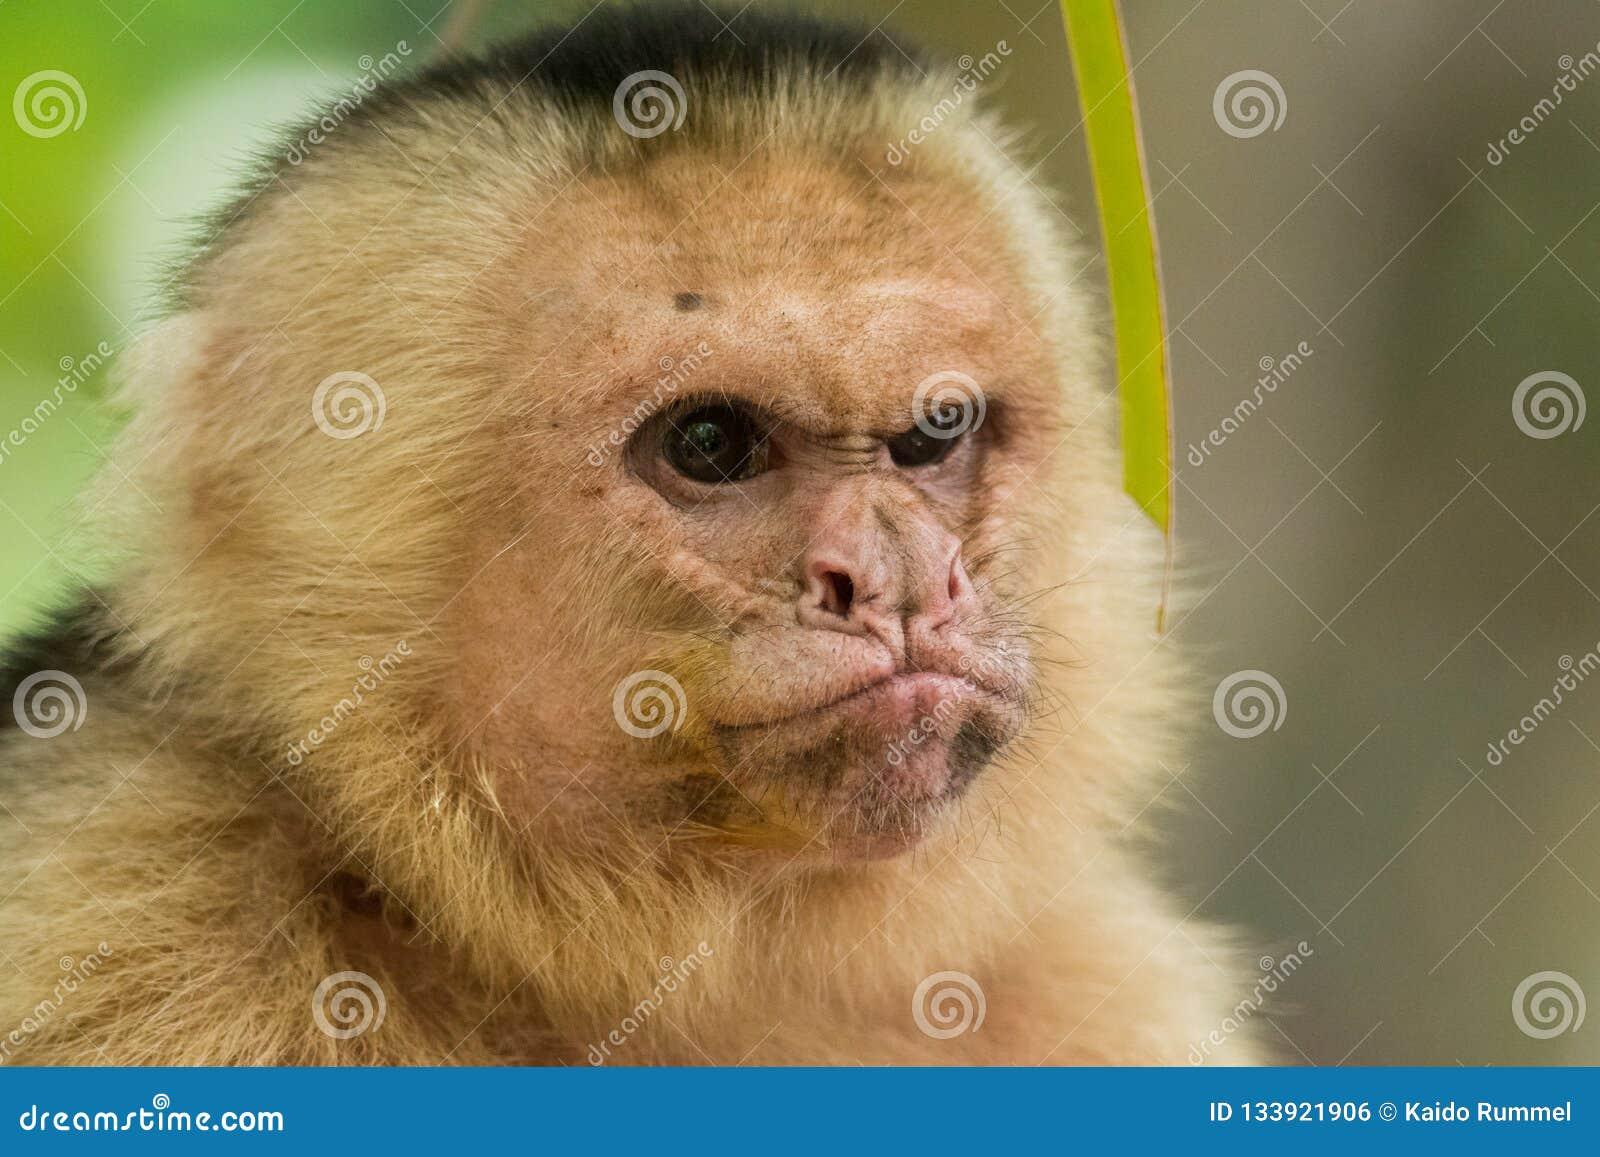 脾气坏的猴子